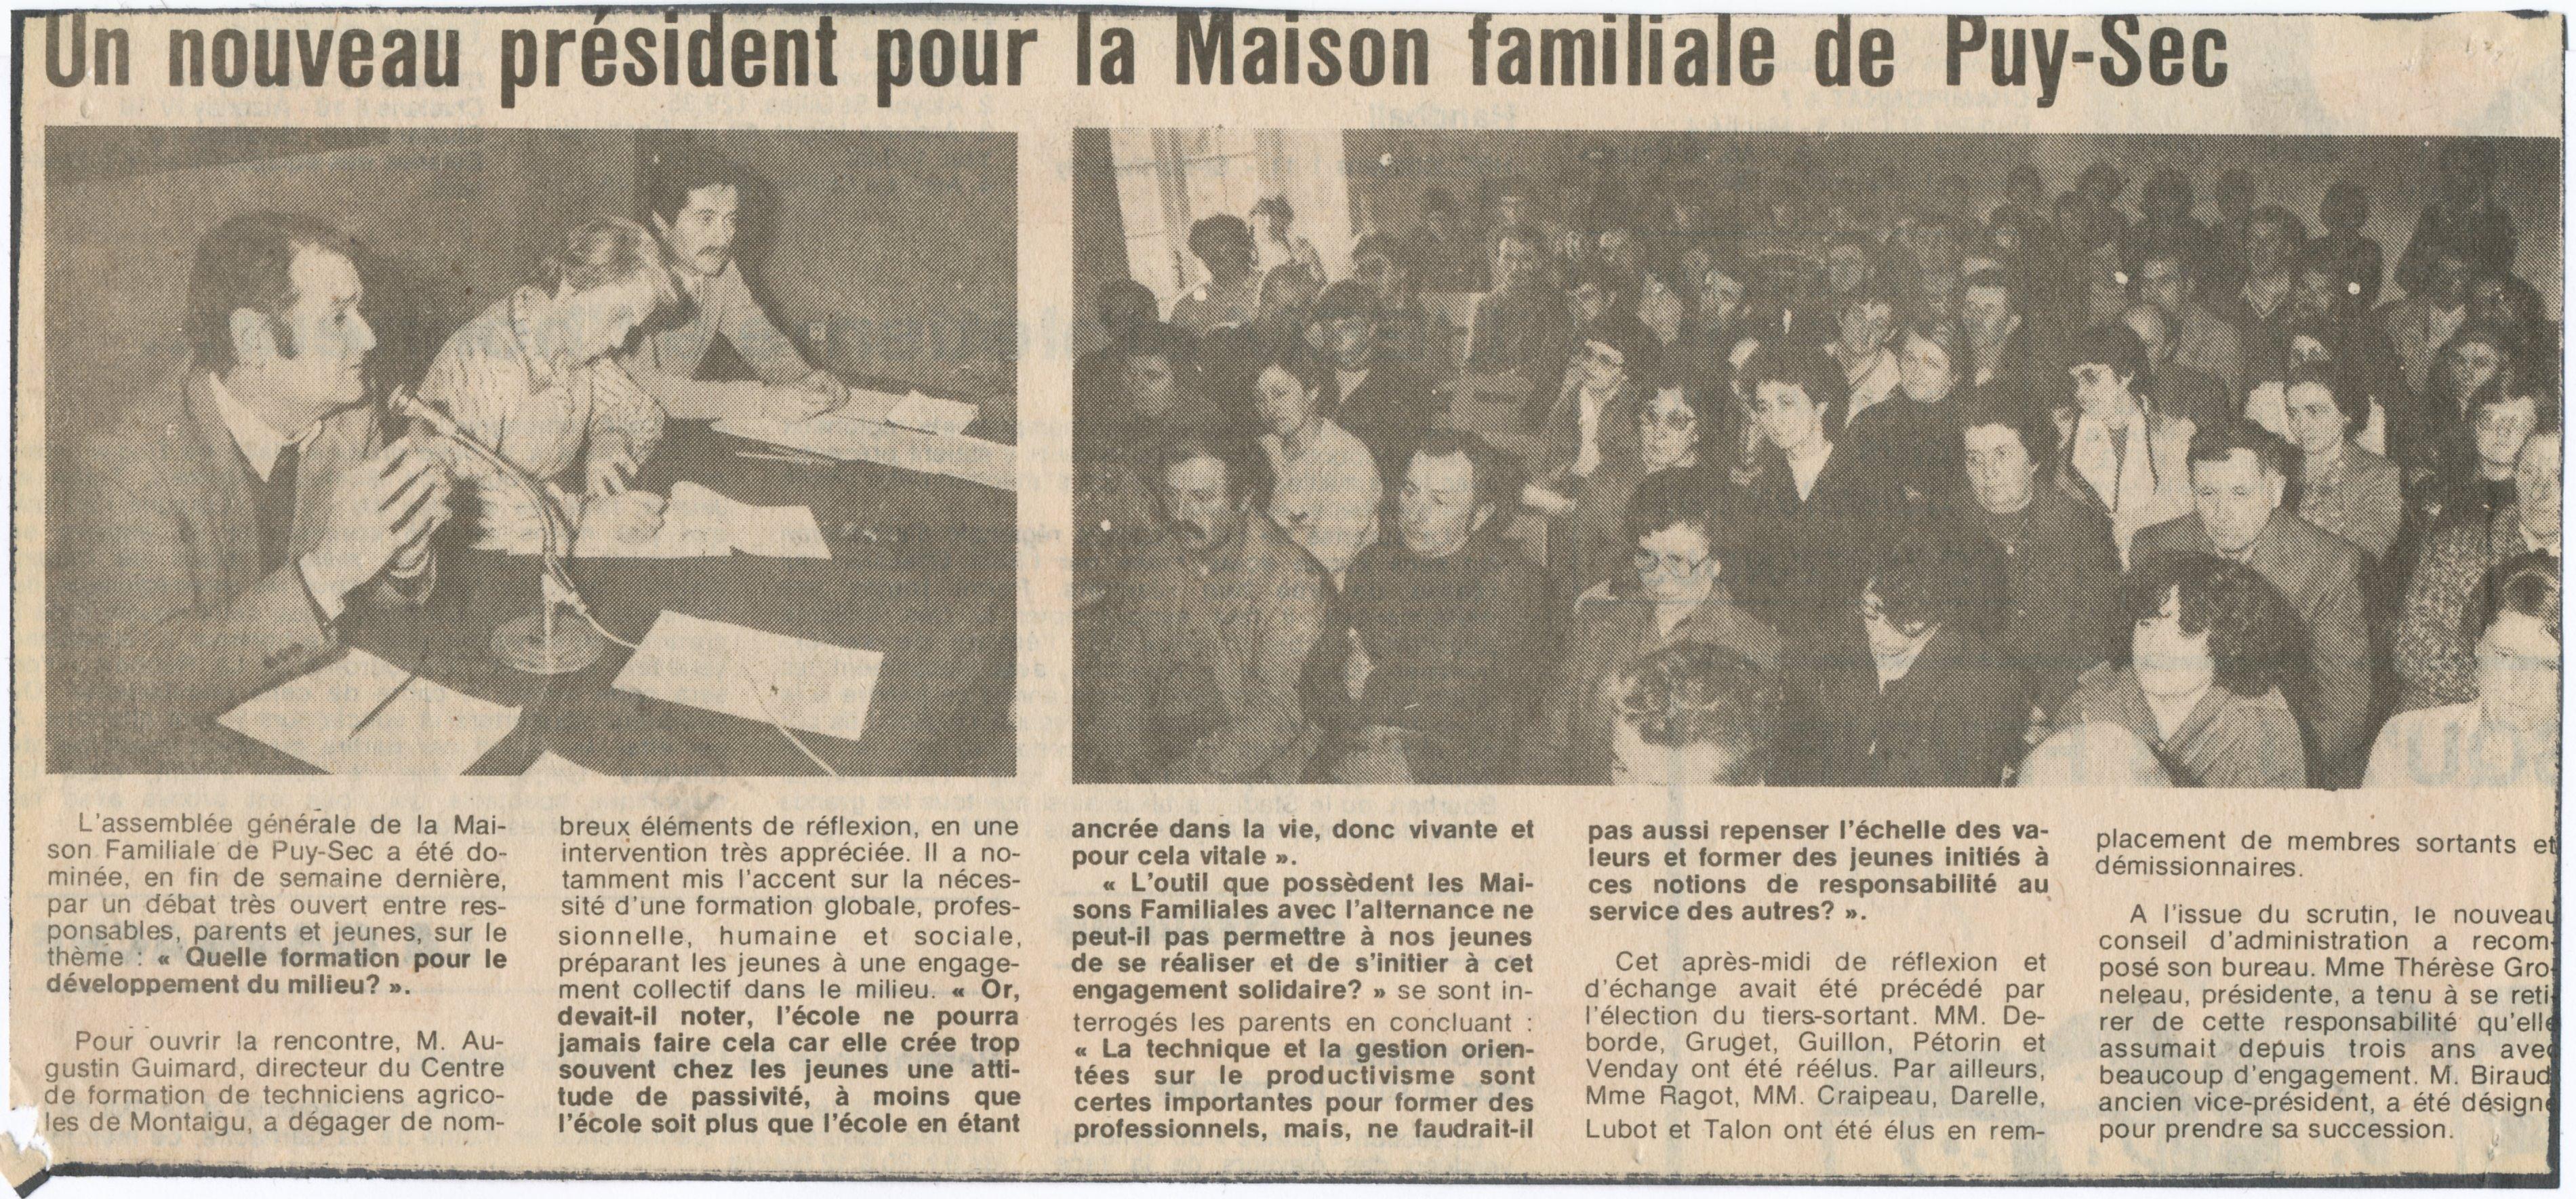 Archives anciens élèves mfr puy-sec 1982 (9)